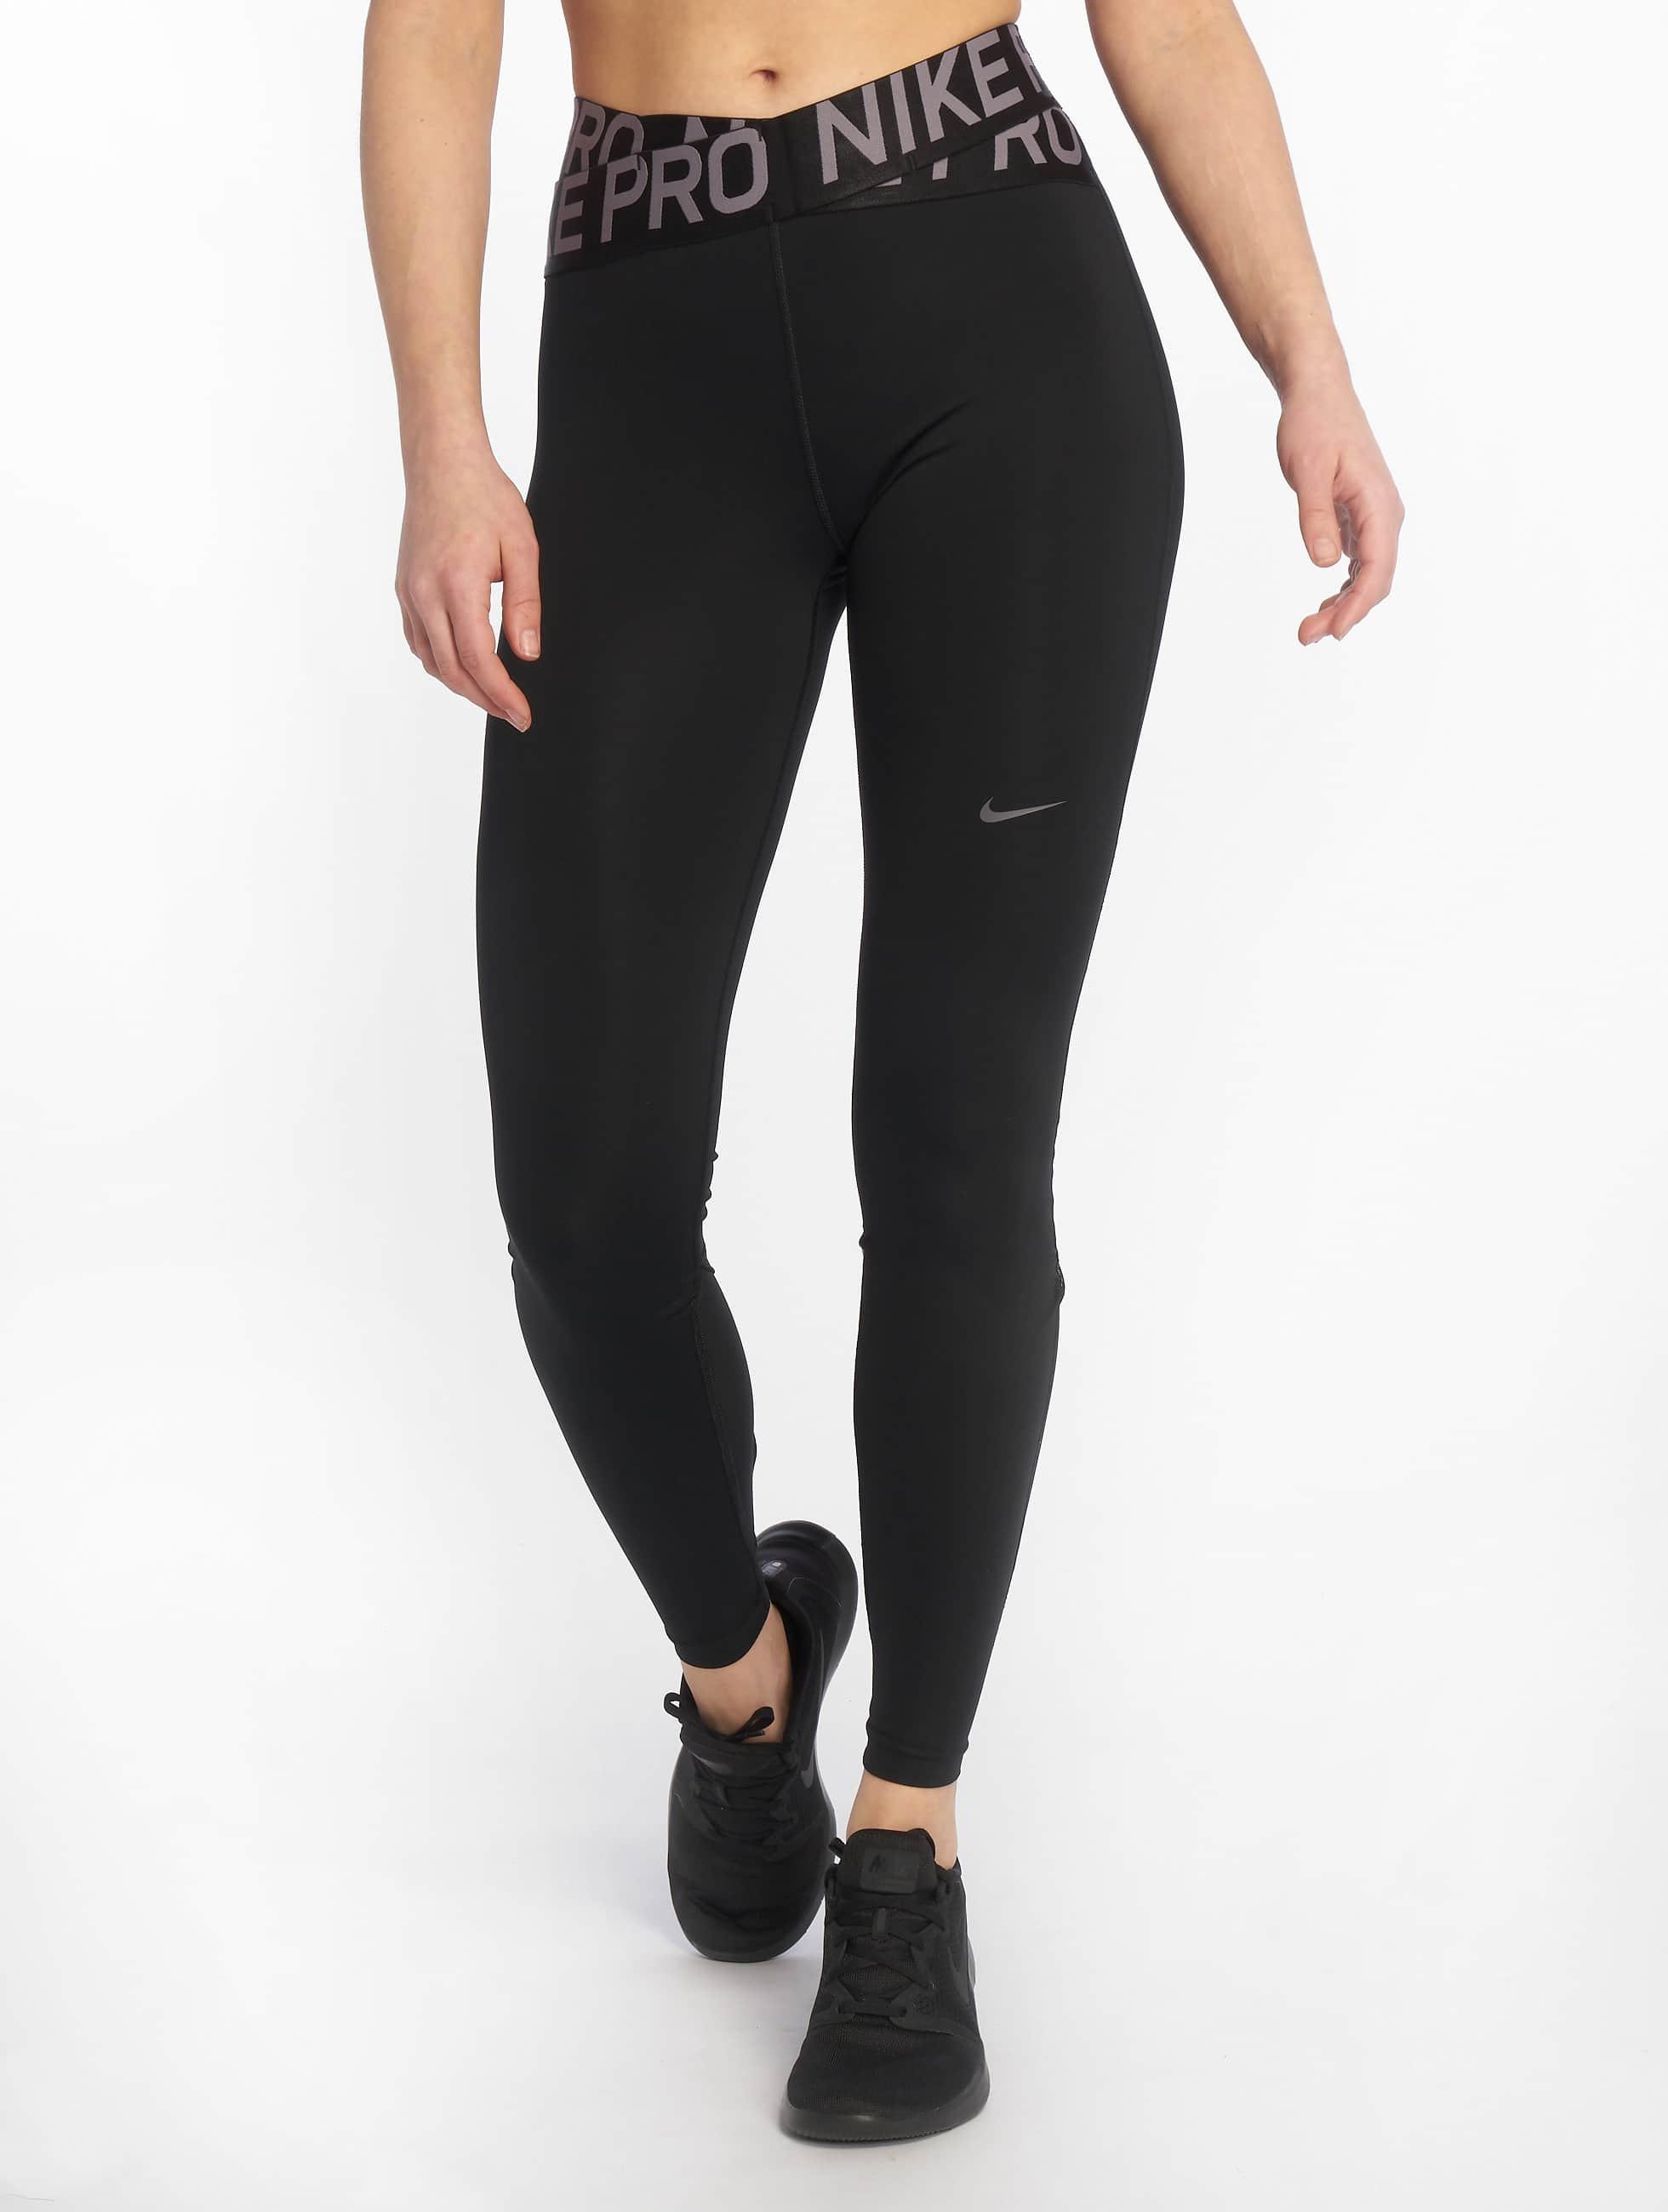 89af2f9f7be Nike Sport / Sportleggings Pro Intertwist 2.0 Tight in zwart 587003